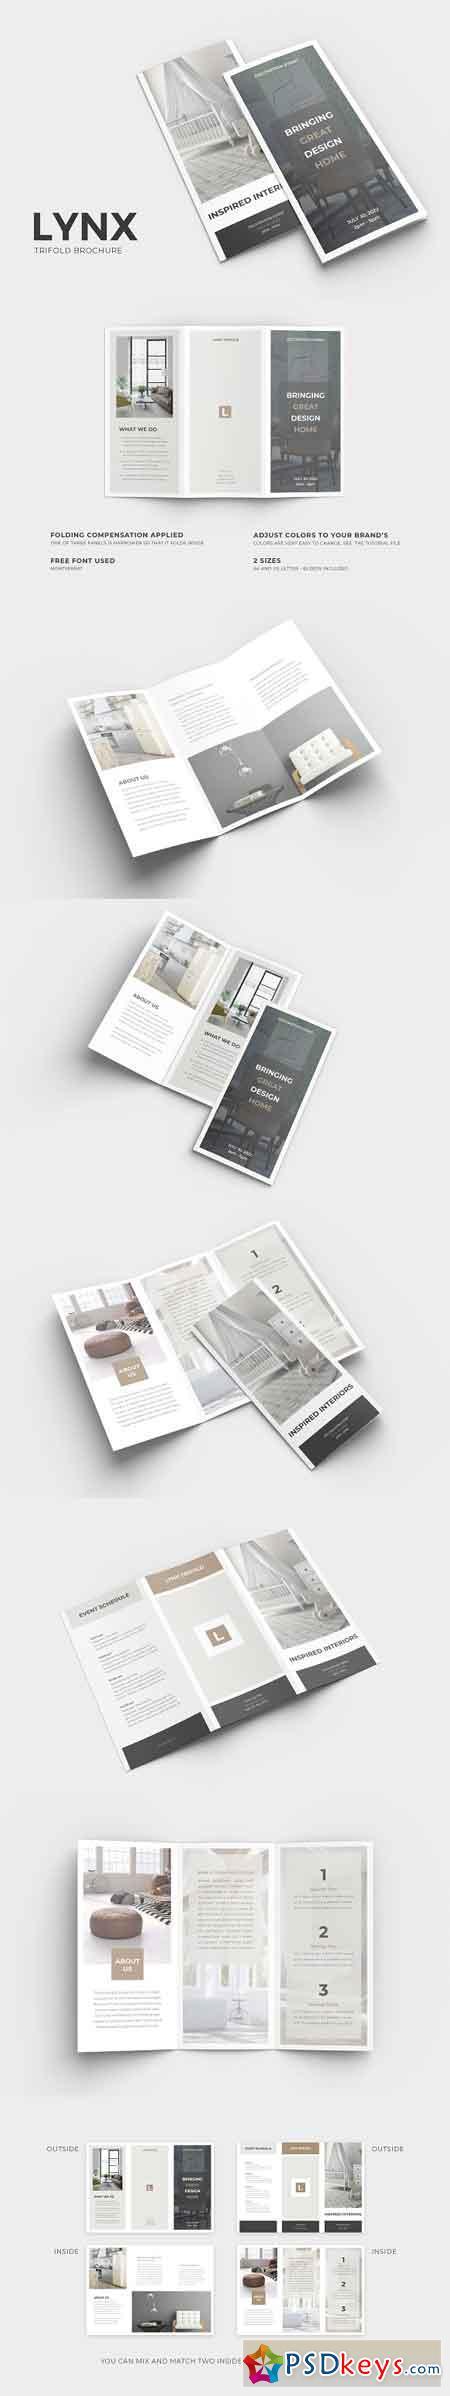 Lynx Trifold Brochure 2581374